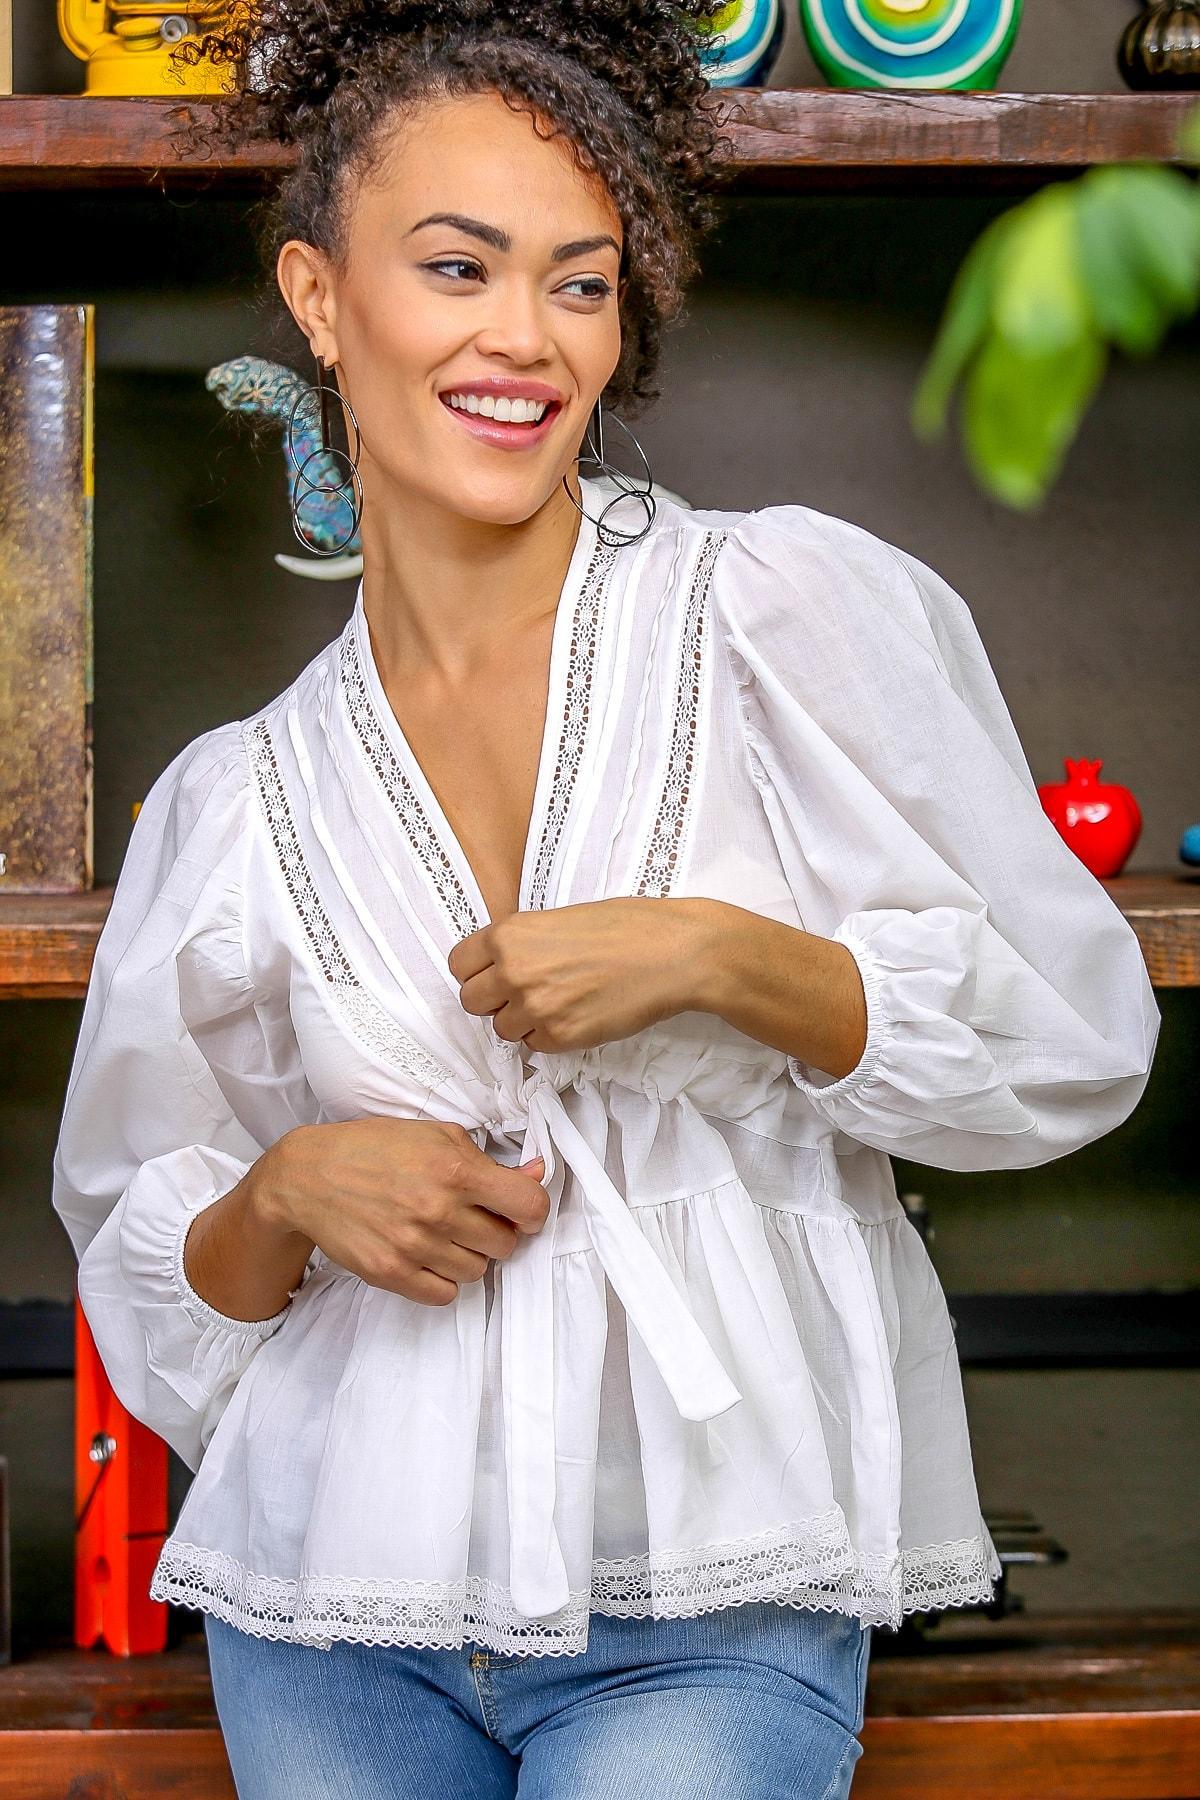 Chiccy Kadın Beyaz Dantel Detaylı V Yaka Bağlamalı Büzgülü Balon Kol Etek Ucu Dantel Bluz M10010200BL96381 2